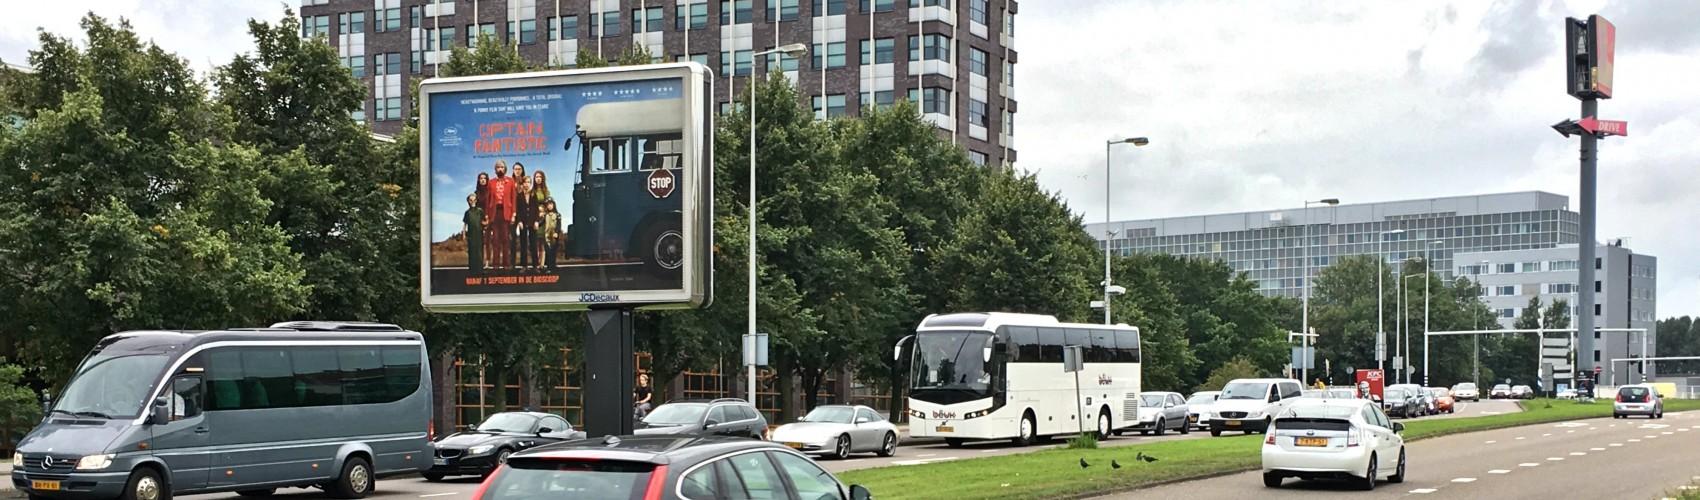 billboard-website